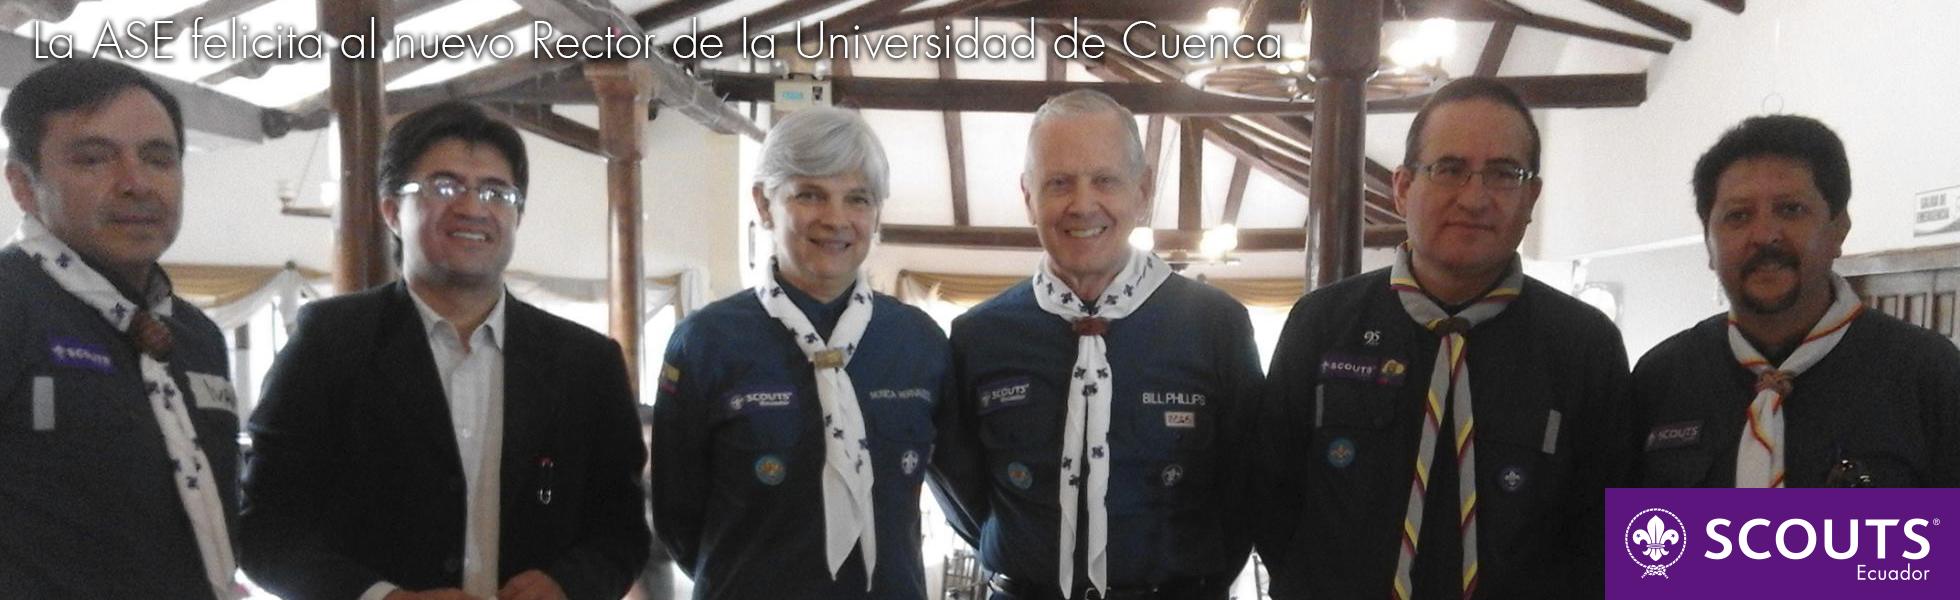 La ASE felicita al nuevo Rector de la Universidad de Cuenca